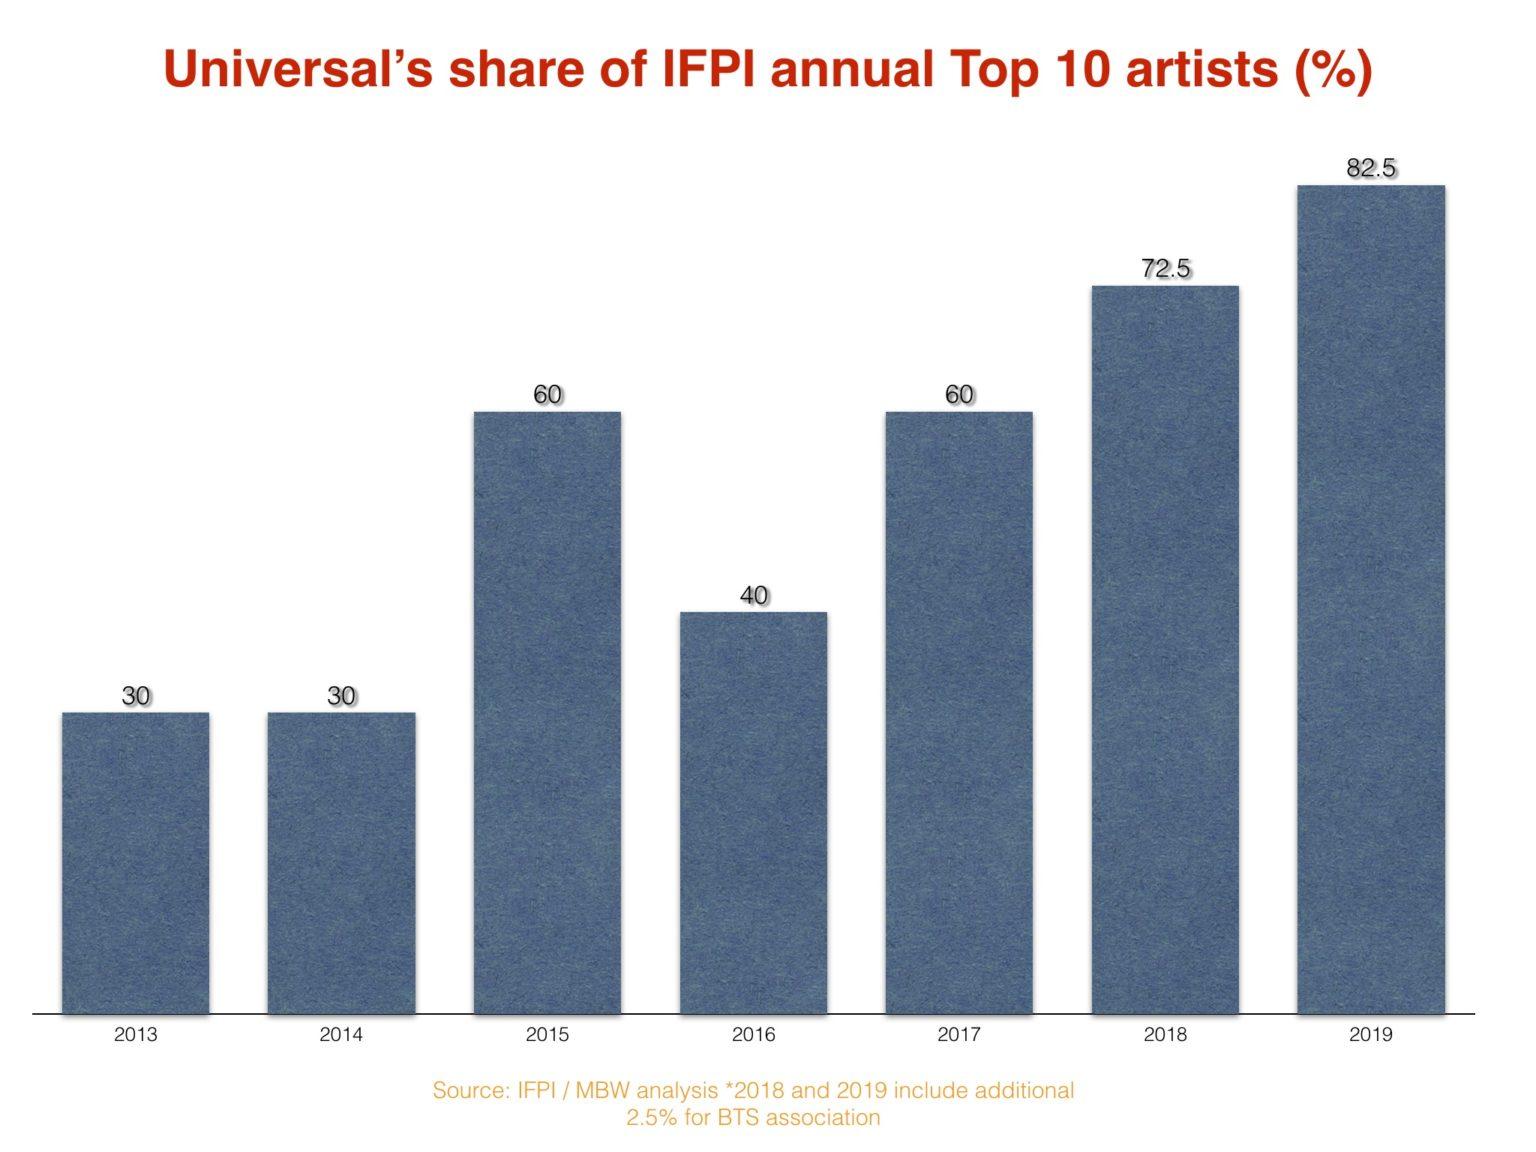 UMG IFPI